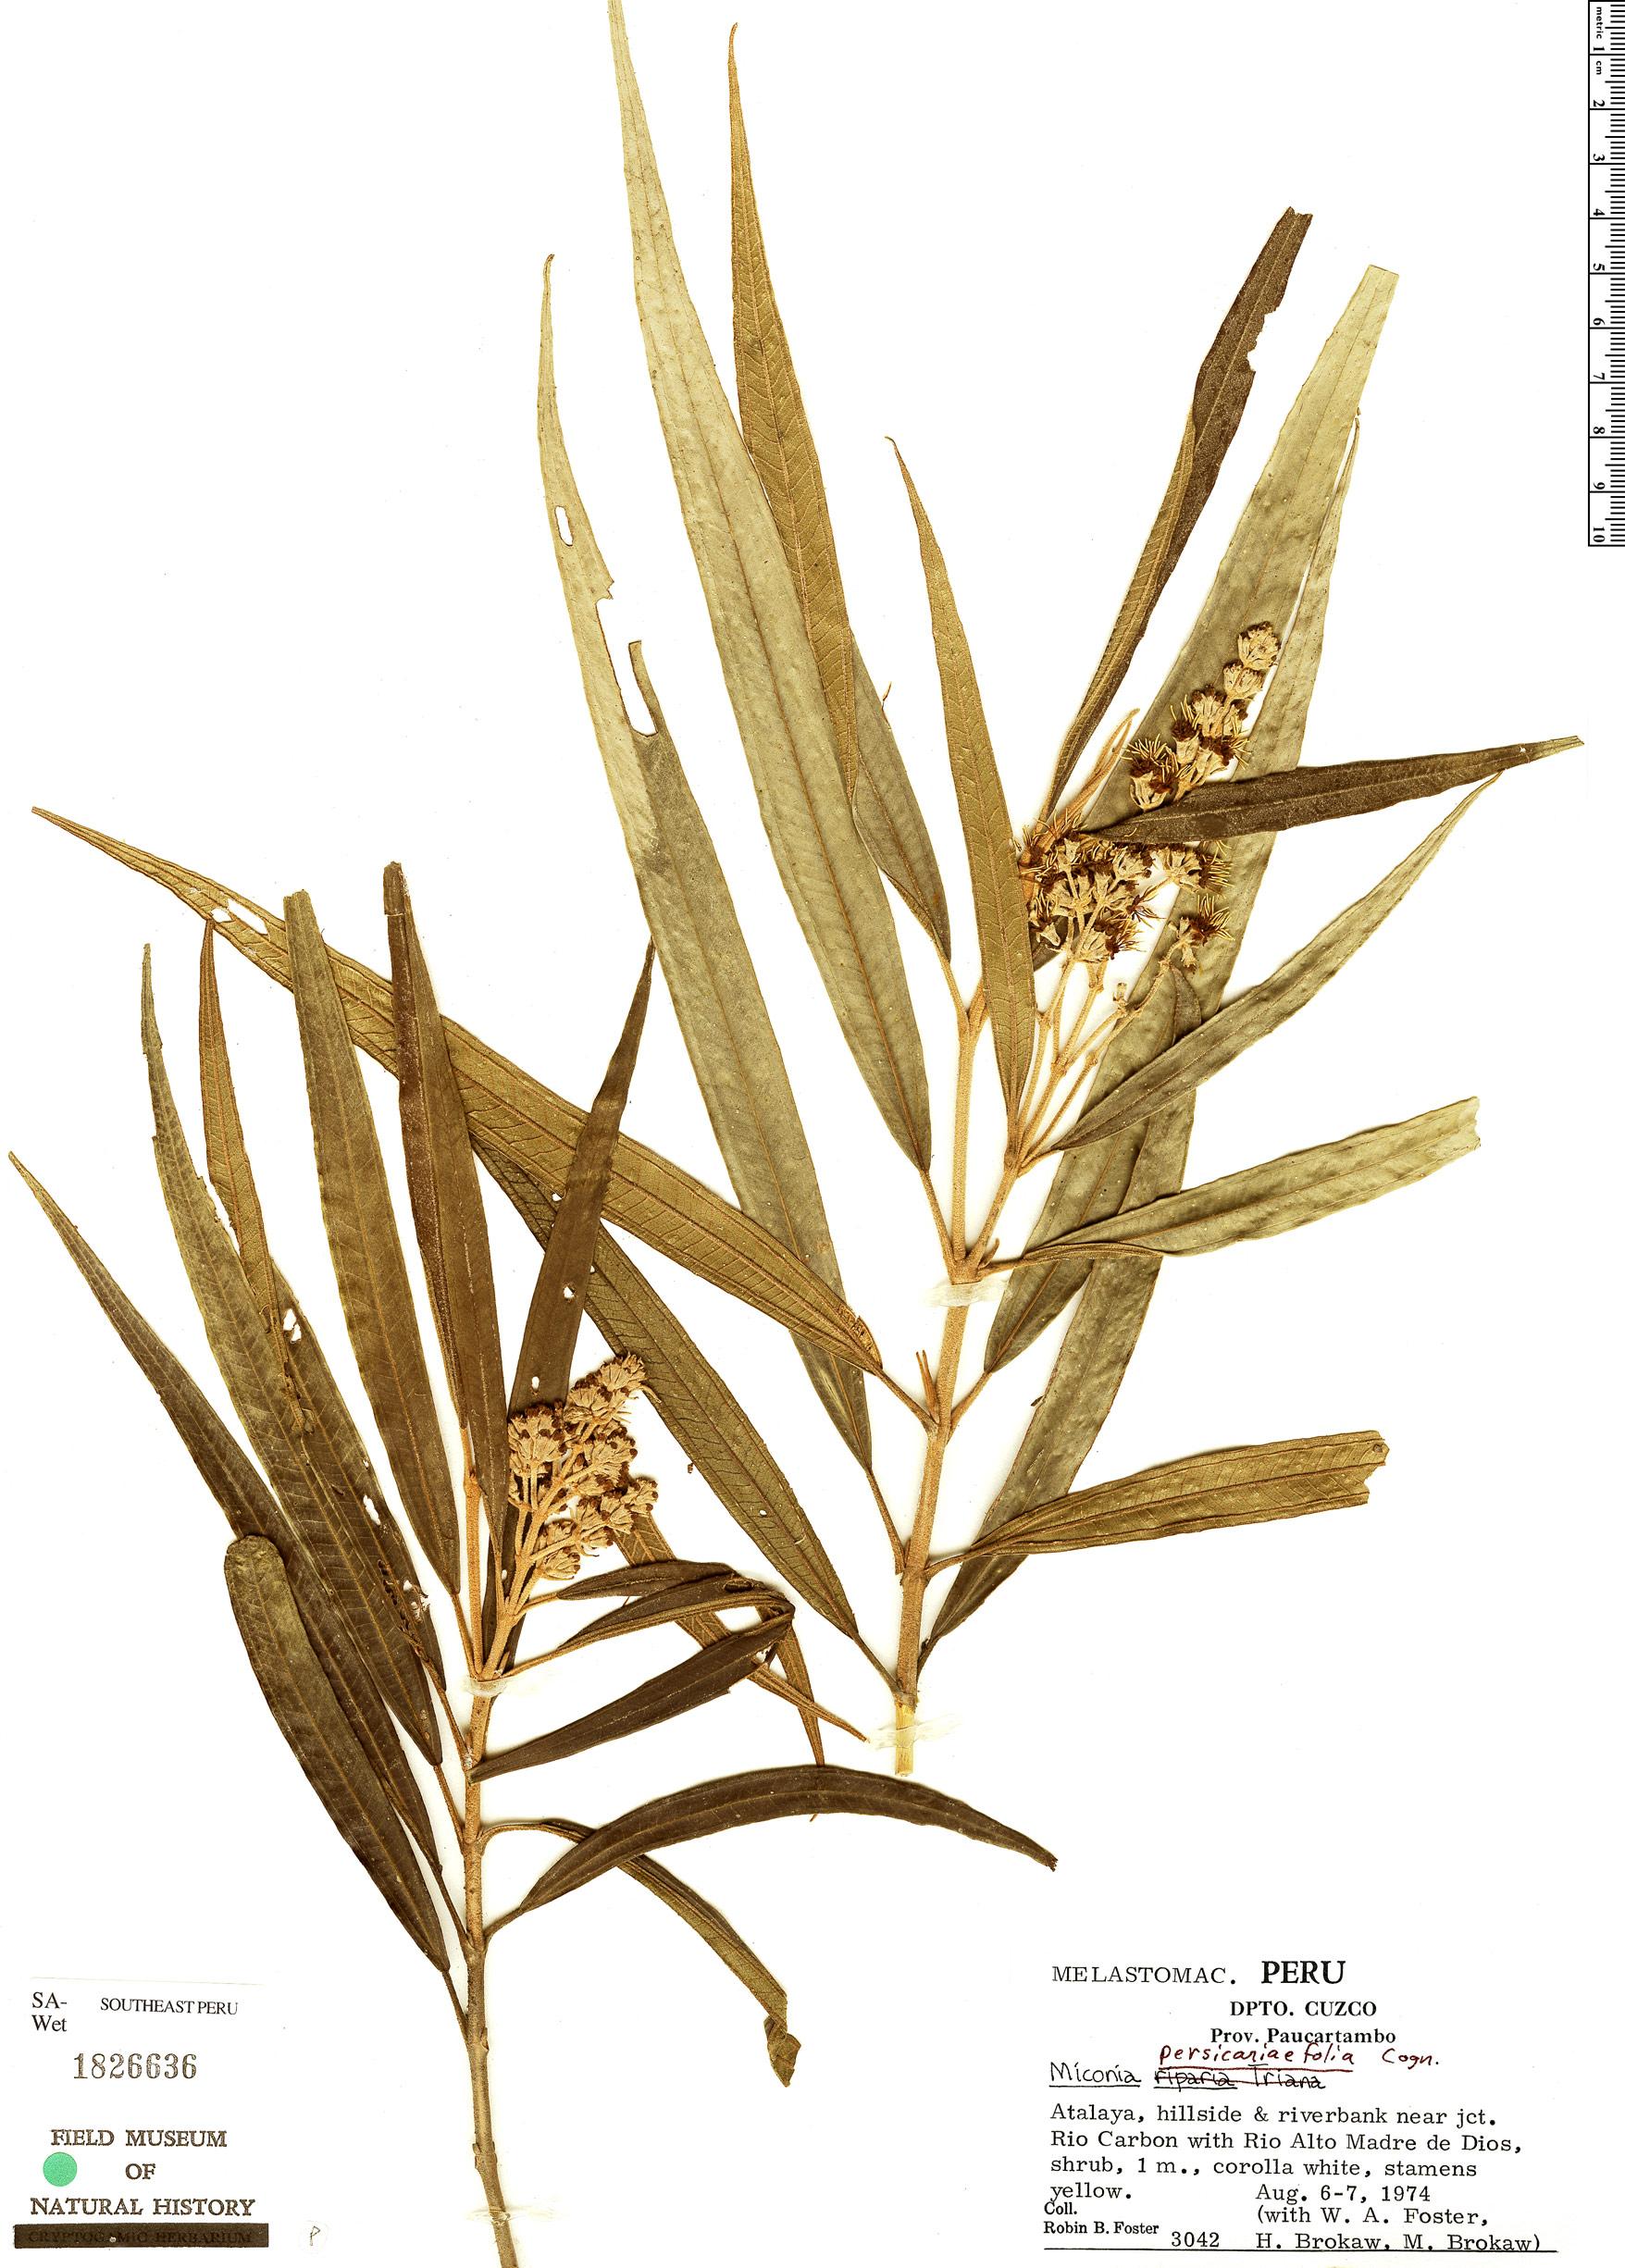 Specimen: Miconia persicariifolia